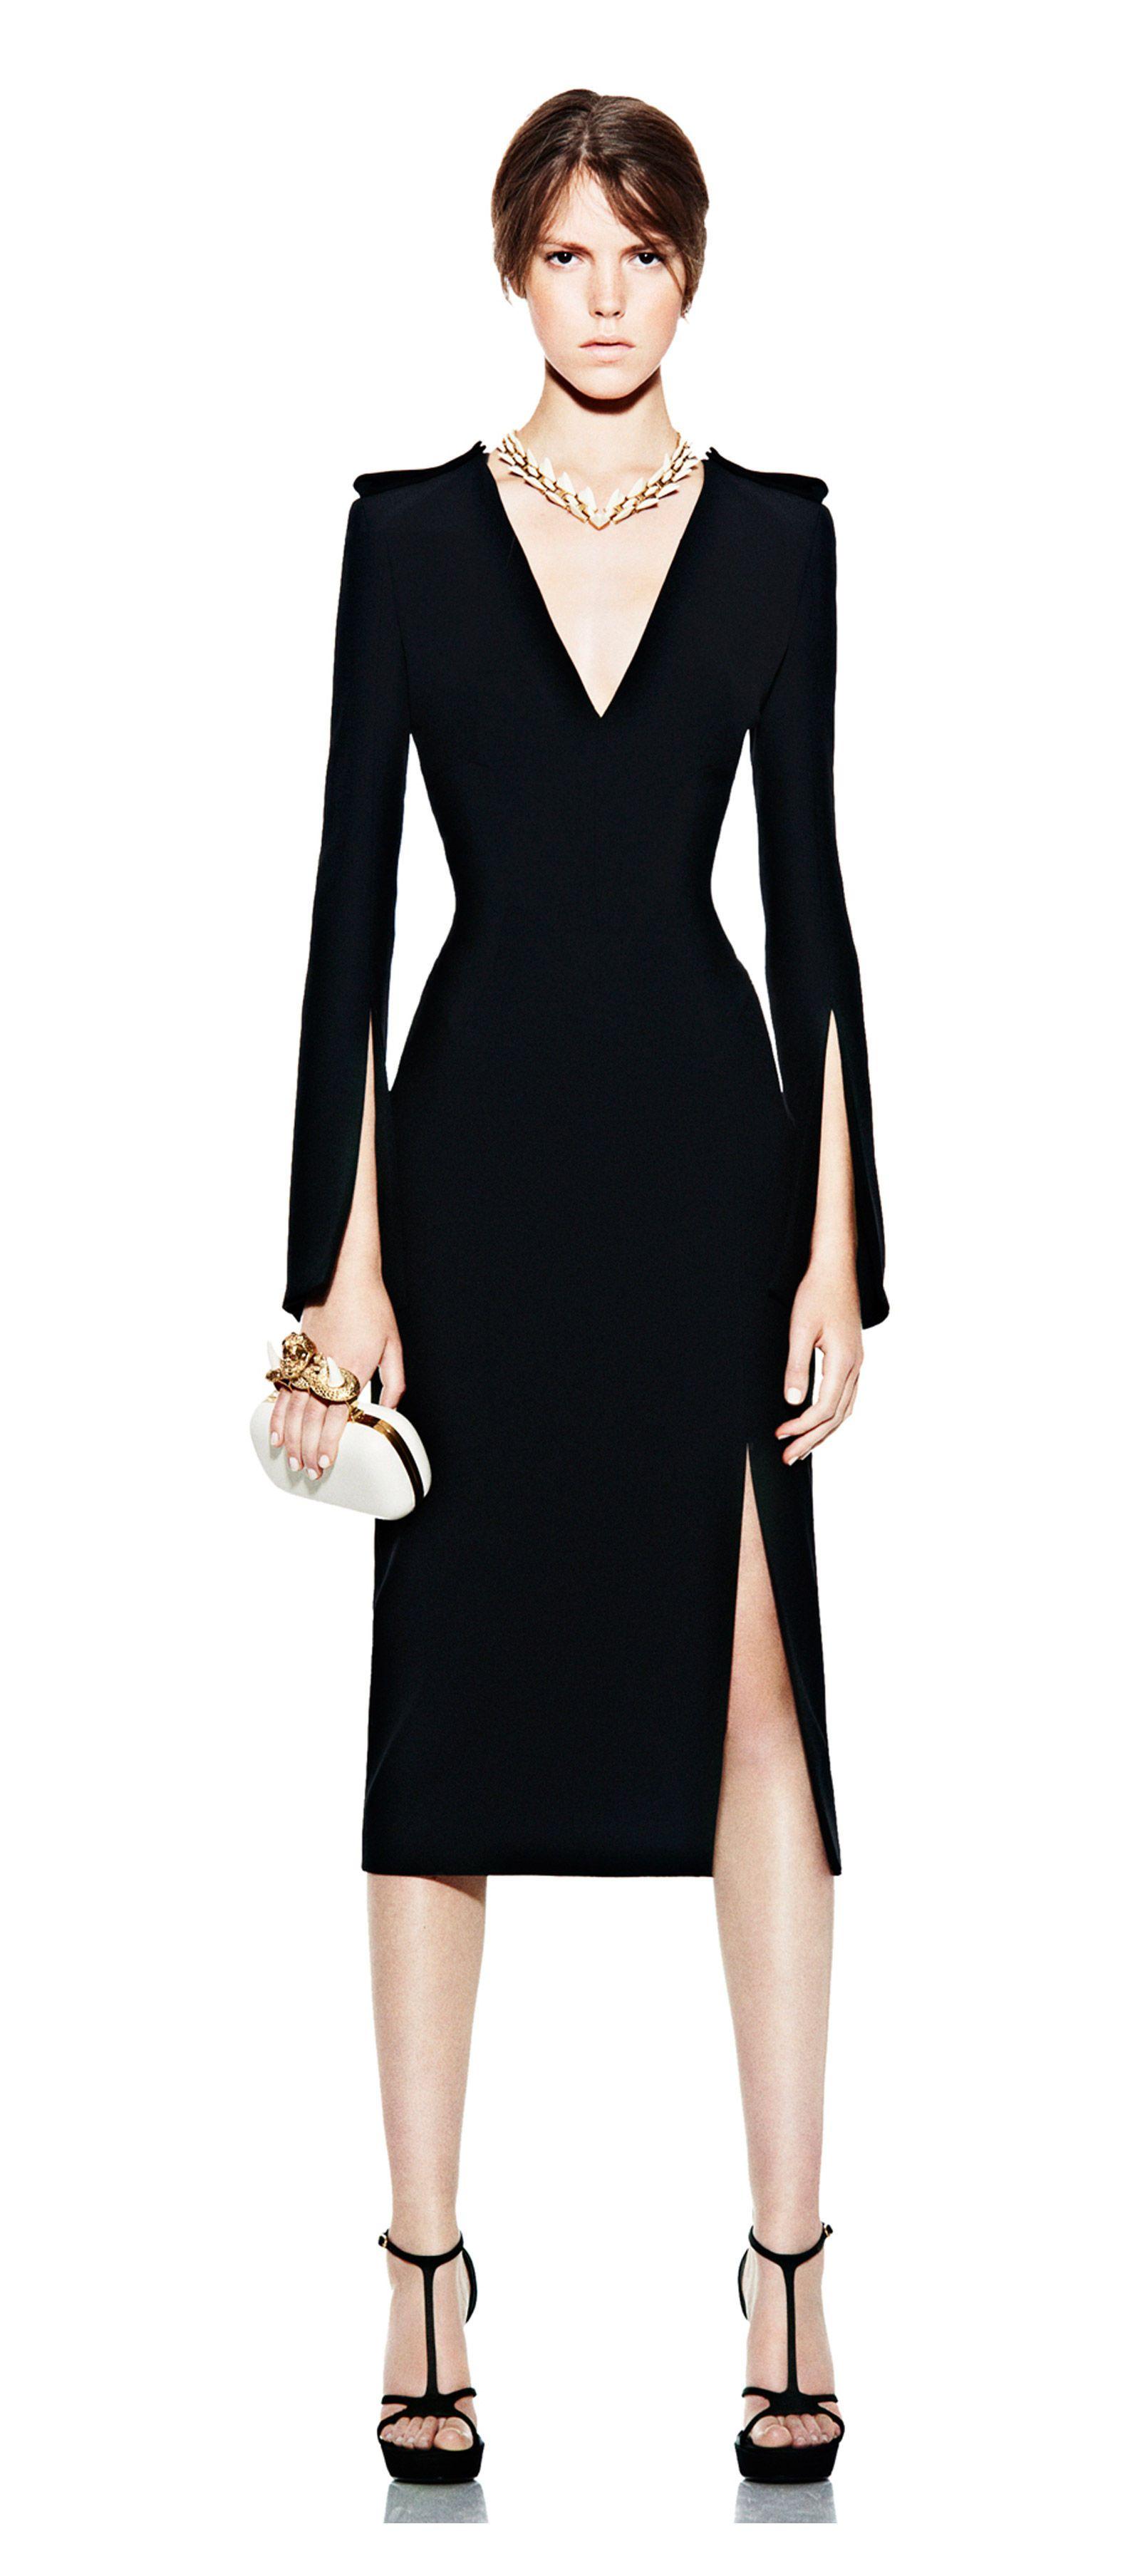 4951361c3aed Long Live #McQueen Slit Dress, Dress Skirt, Peplum Dress, Fashion Mode,